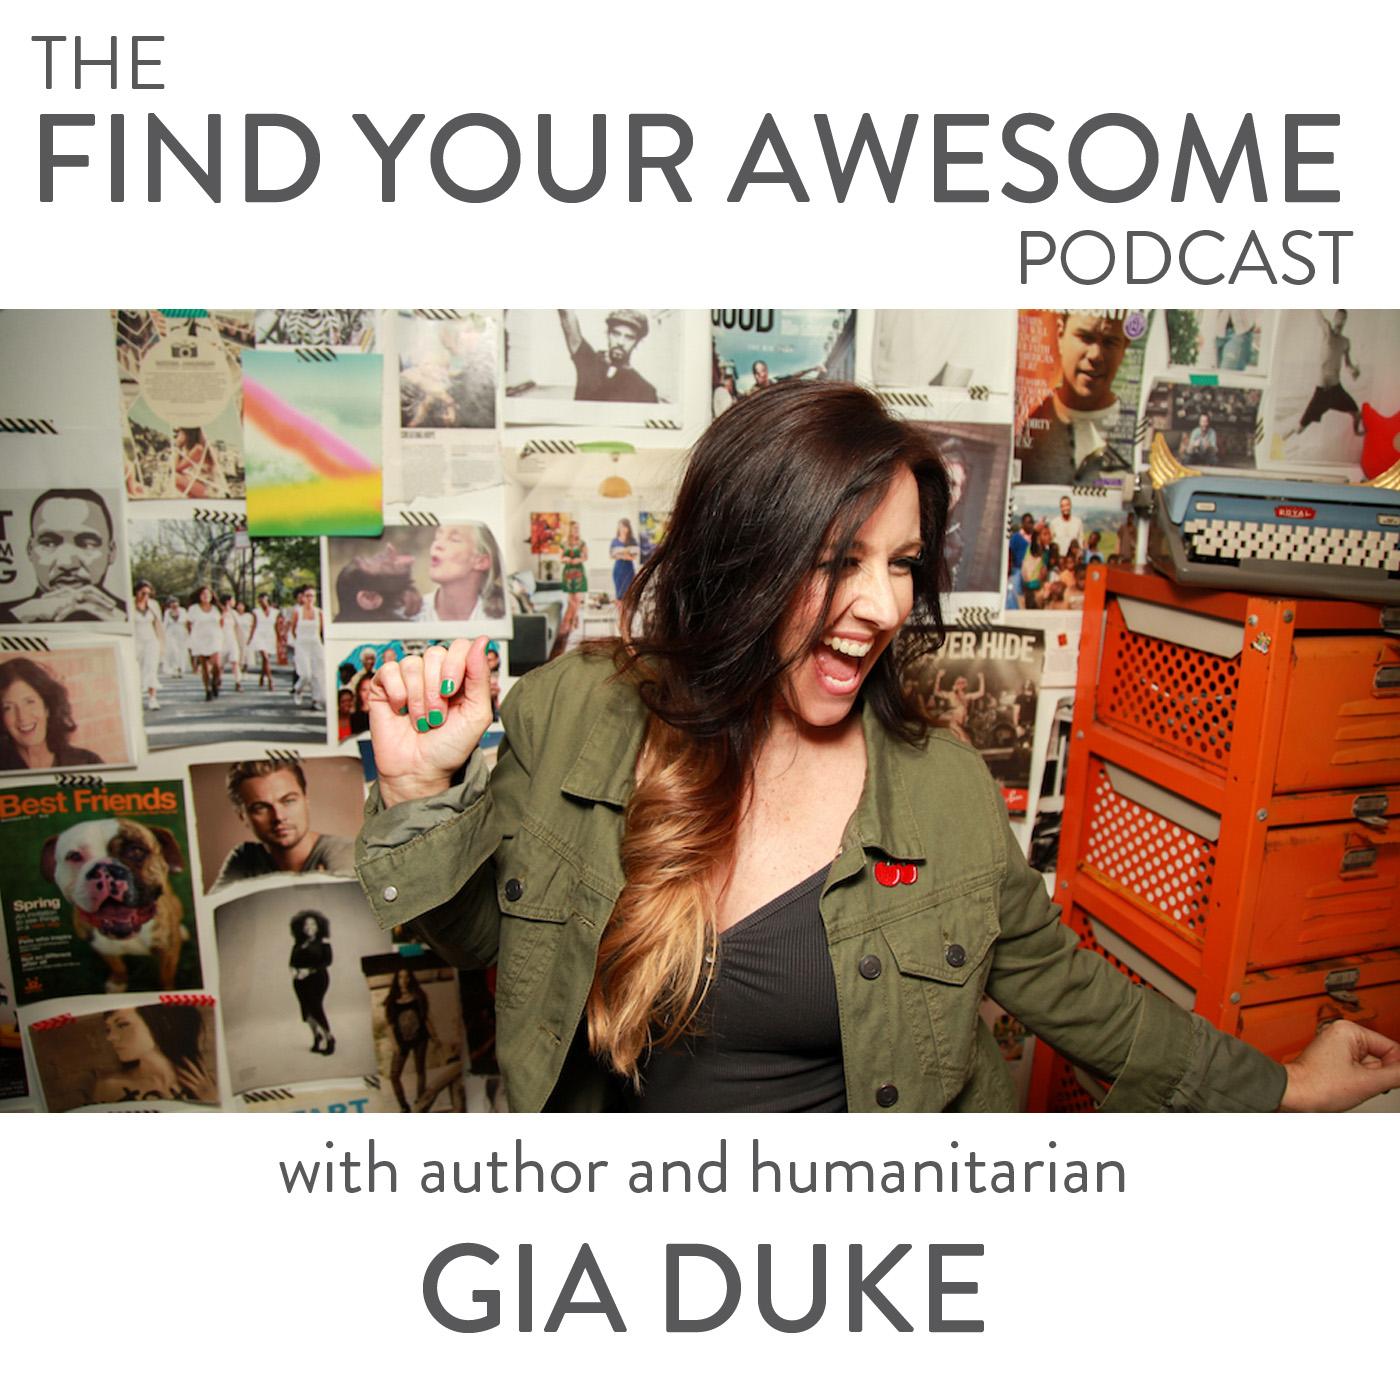 GiaDuke_podcast_coverart.jpg